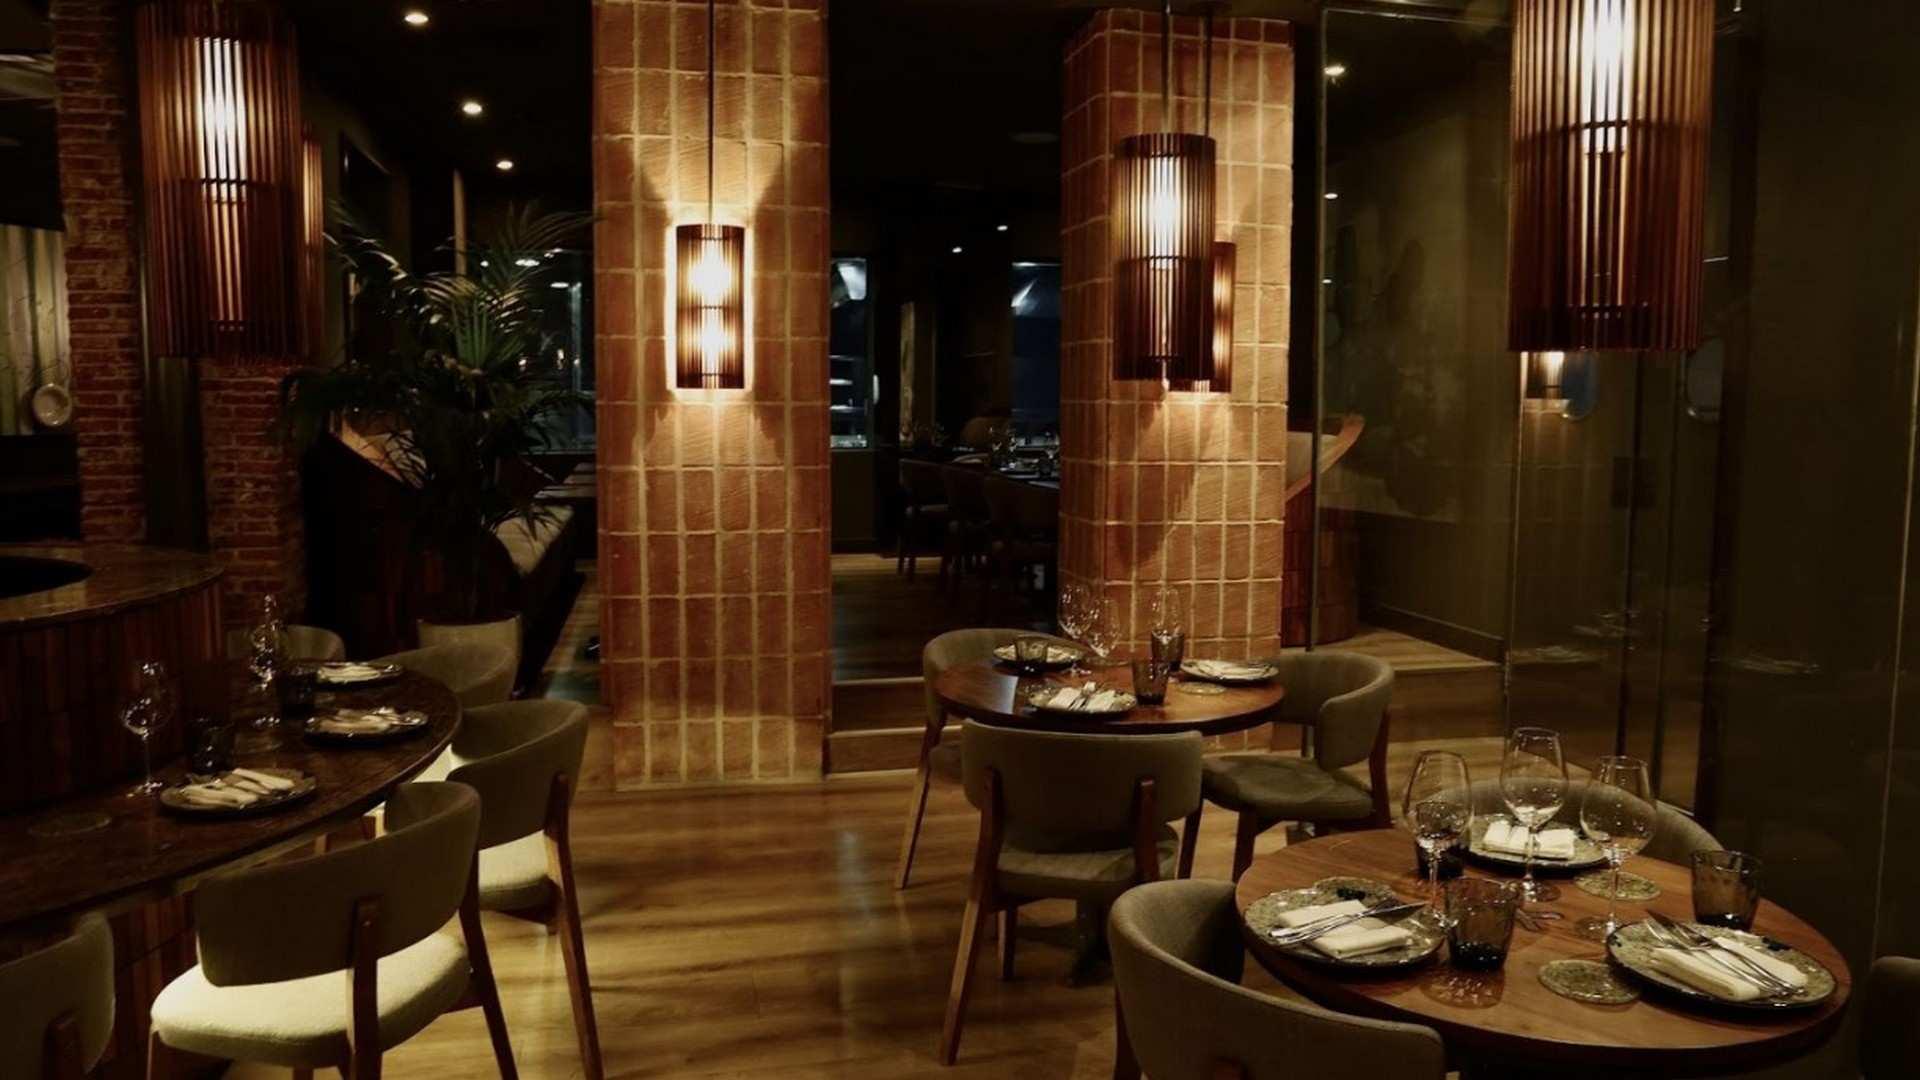 La Cabra Bakery: una propuesta gastronómica 360